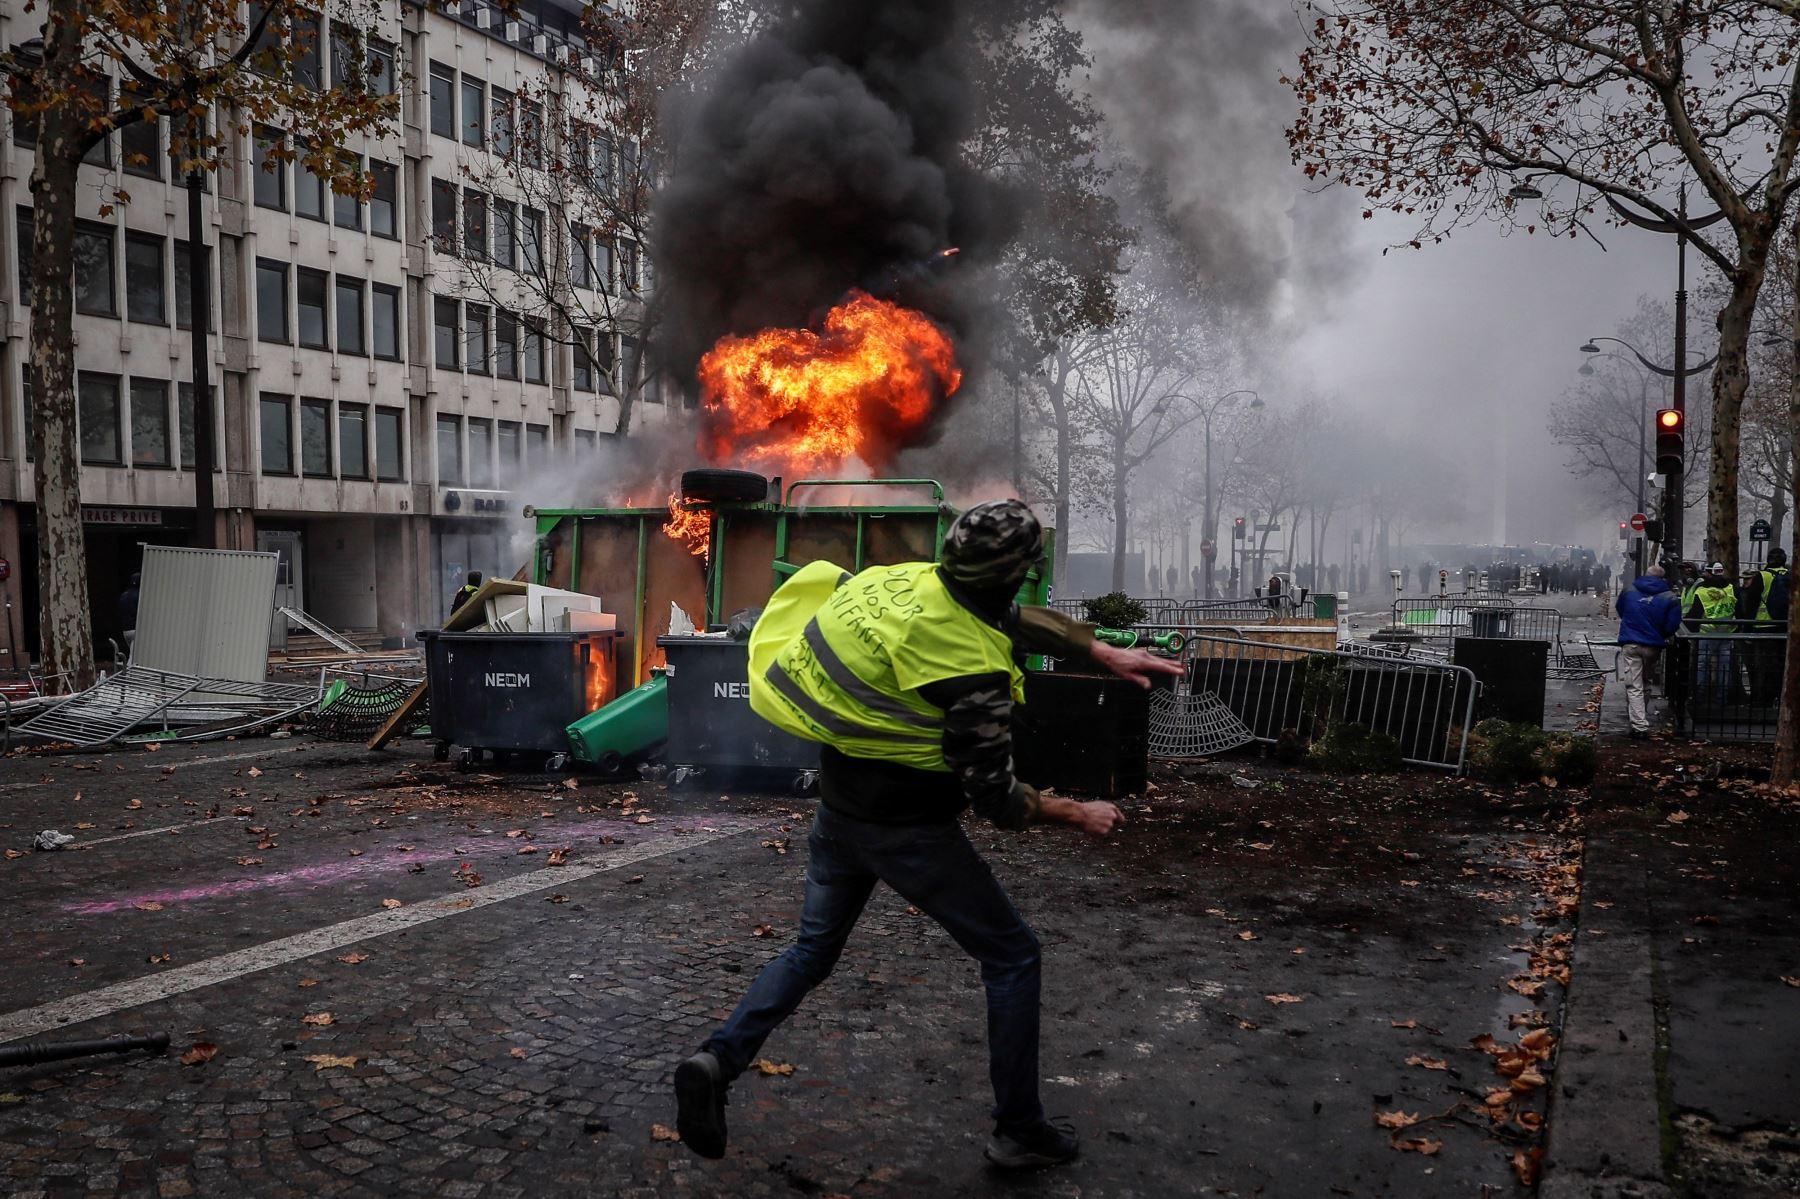 """Un manifestante de los autodenominados """"chalecos amarillos"""" se enfrenta a los agentes junto a una barricada en llamas Foto: EFE"""